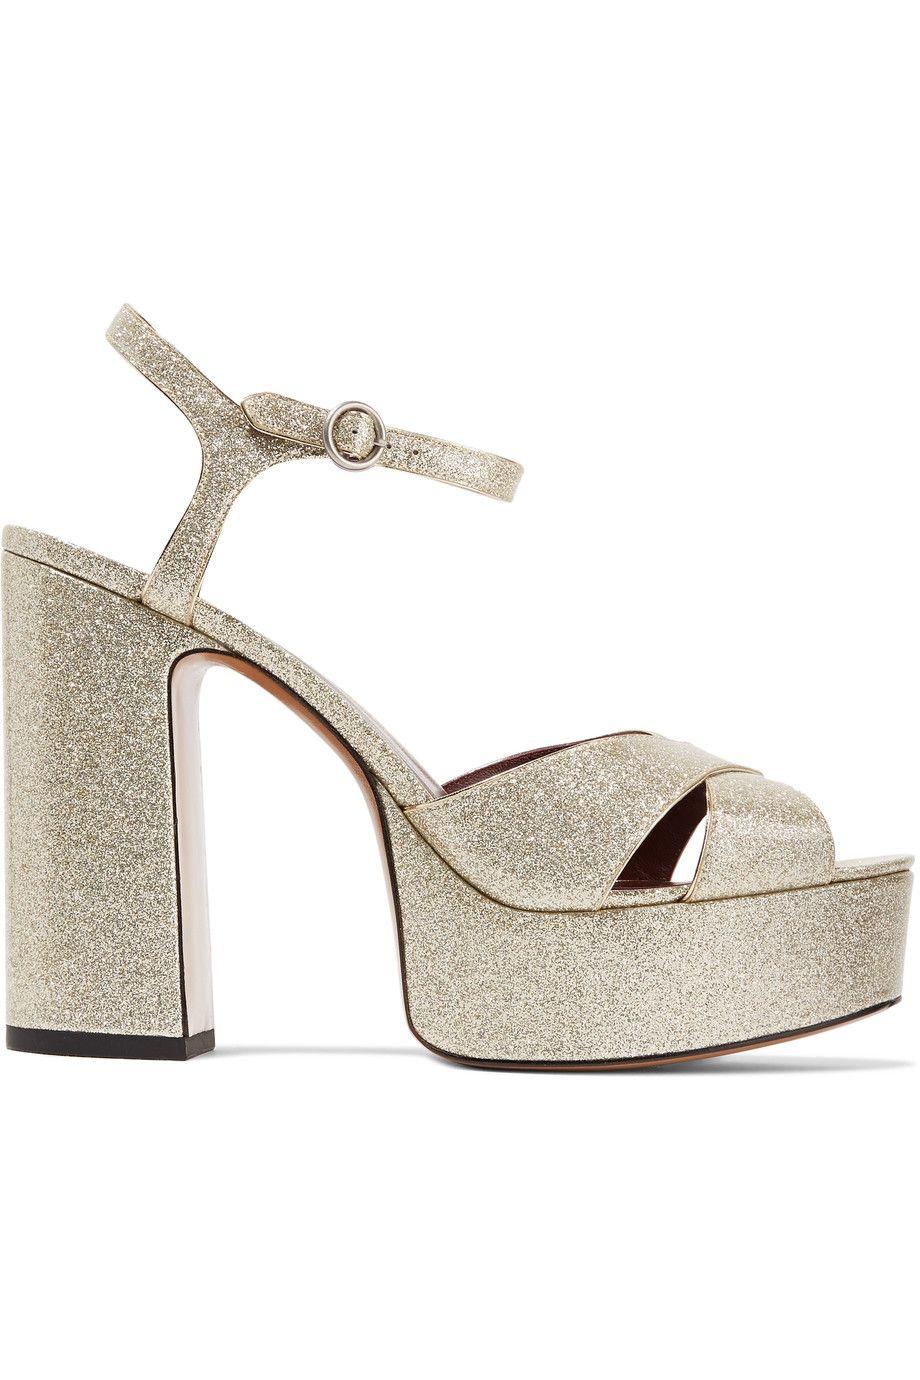 63100ba4178 MARC JACOBS Debbie Glittered Patent-Leather Platform Sandals.  marcjacobs   shoes  sandals